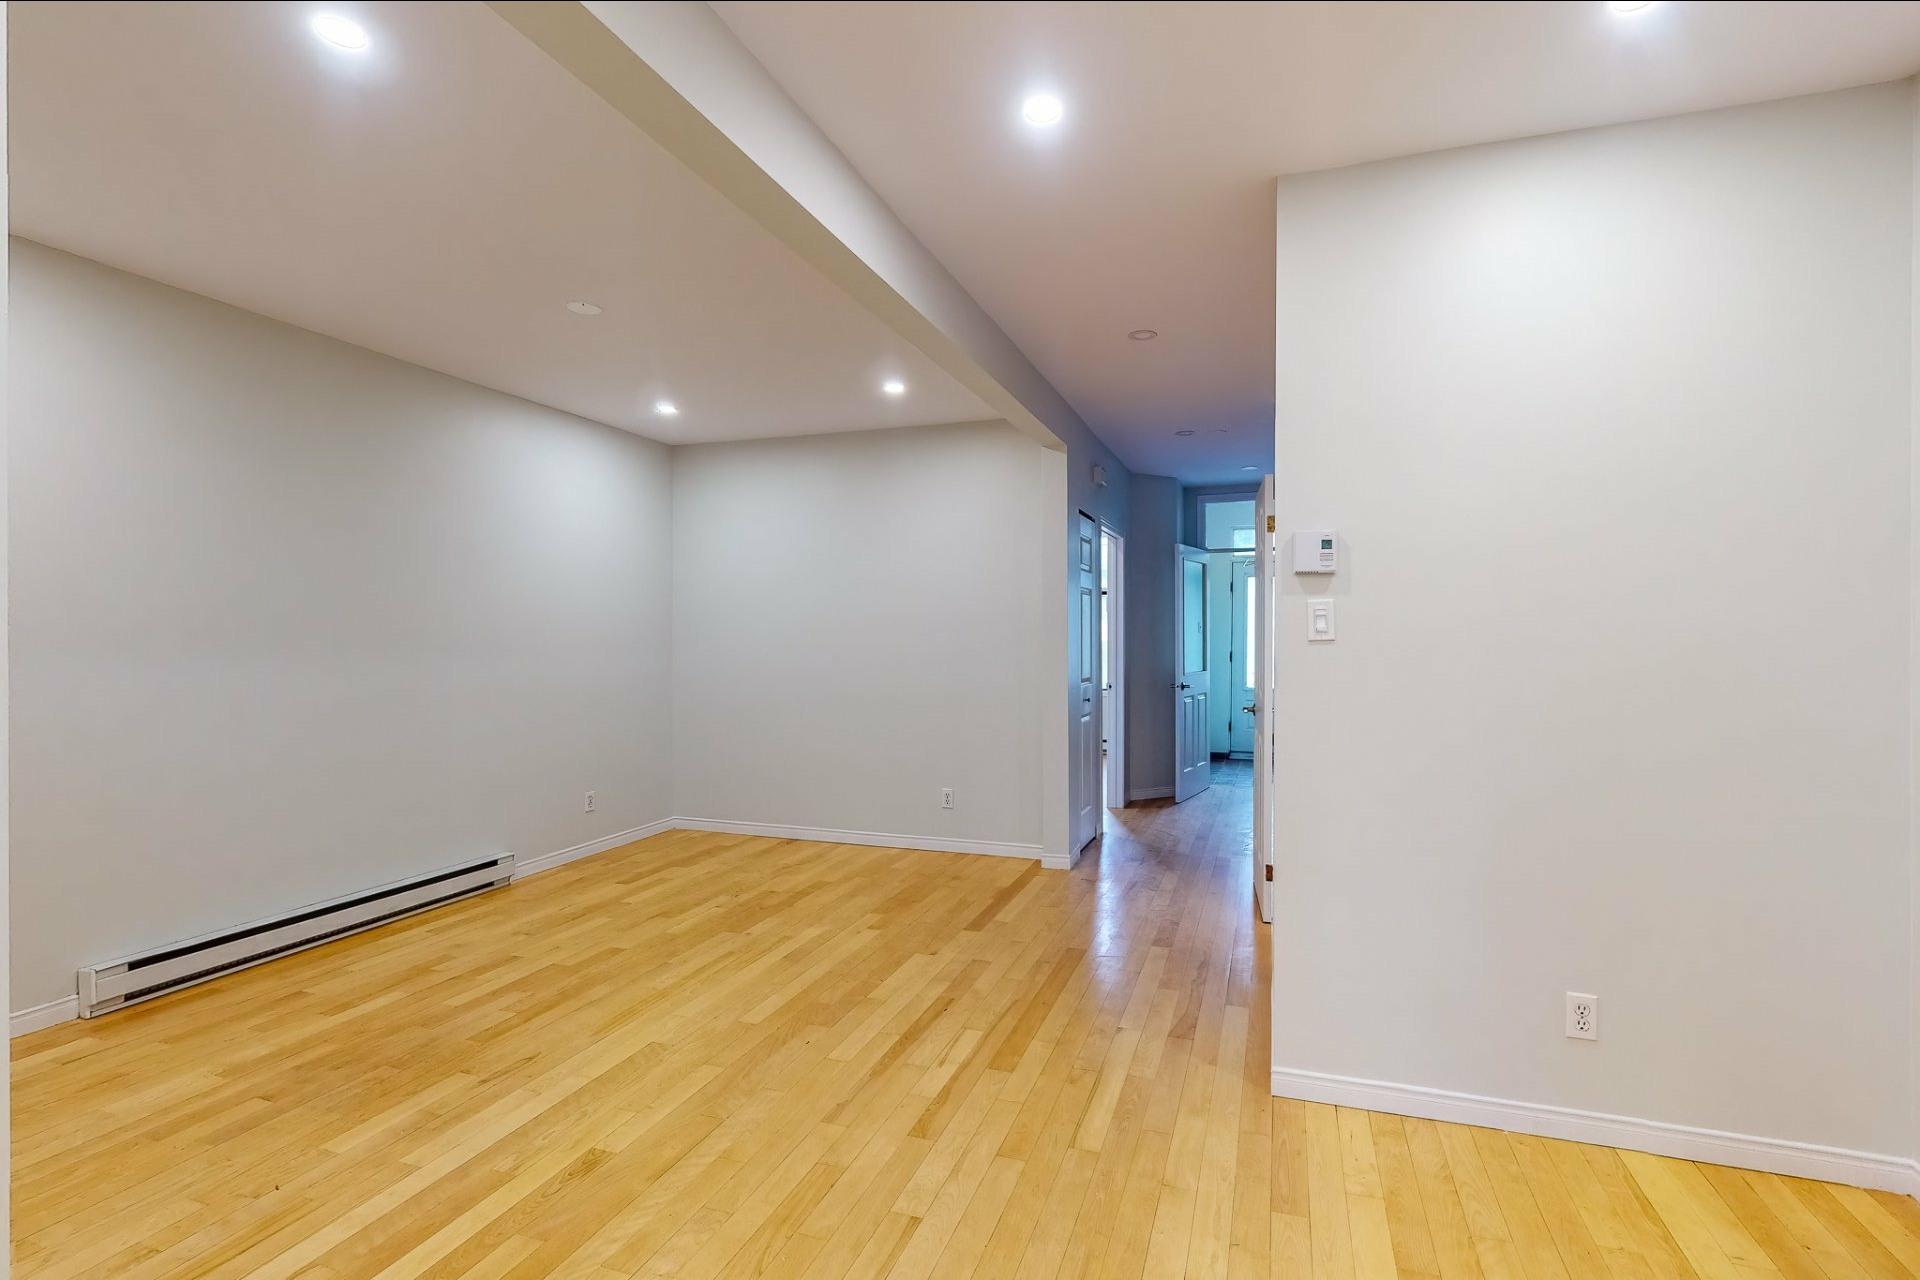 image 5 - Apartment For rent Le Plateau-Mont-Royal Montréal  - 5 rooms